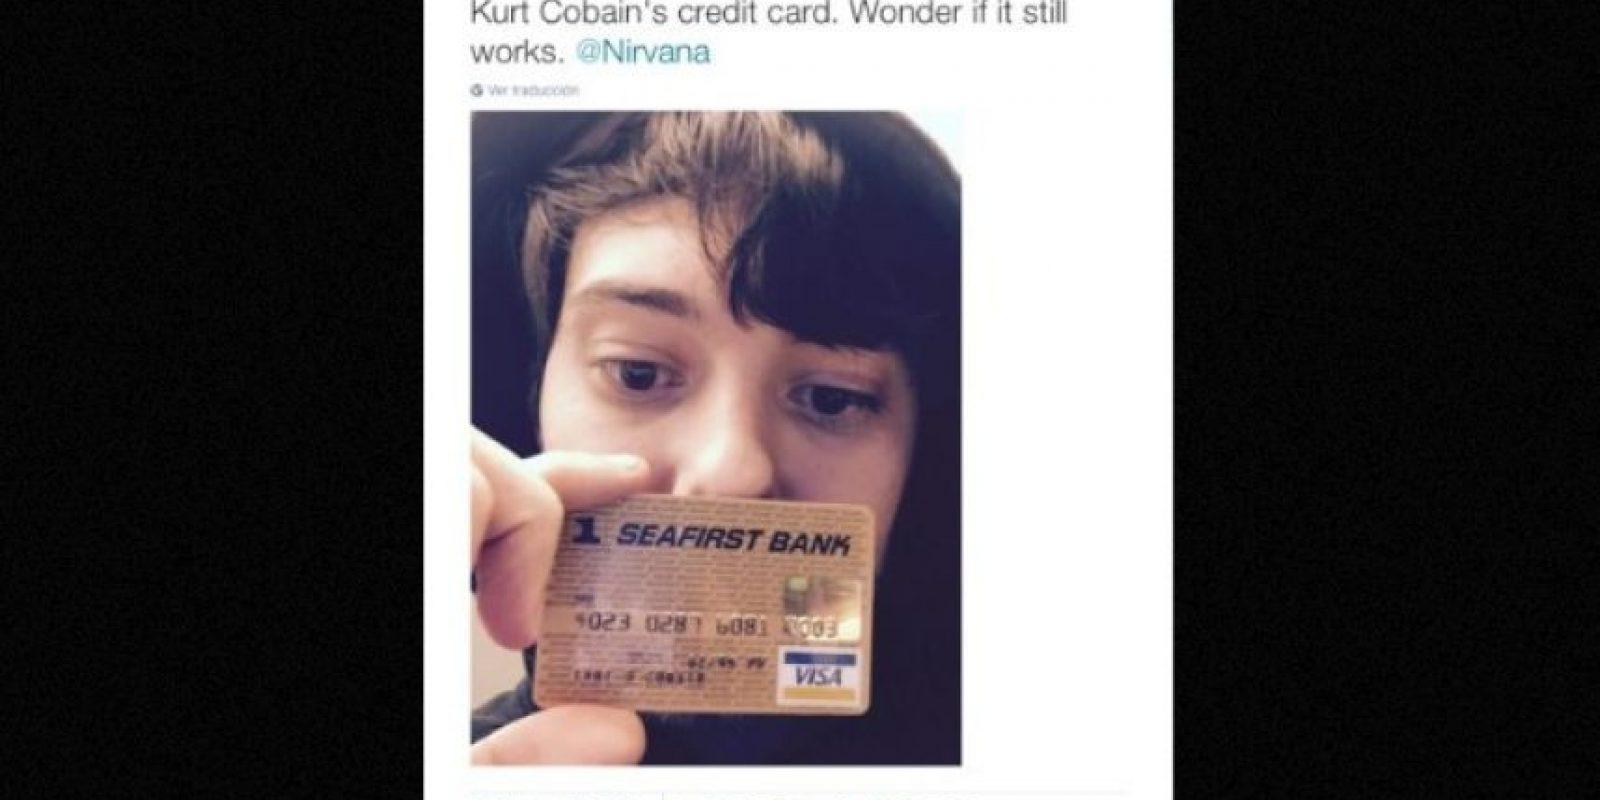 """""""La tarjeta de crédito de Kurt Cobain. Me pregunto si aún funcionará"""", explicó mostrando el objeto Foto:Twitter.com – Archivo"""